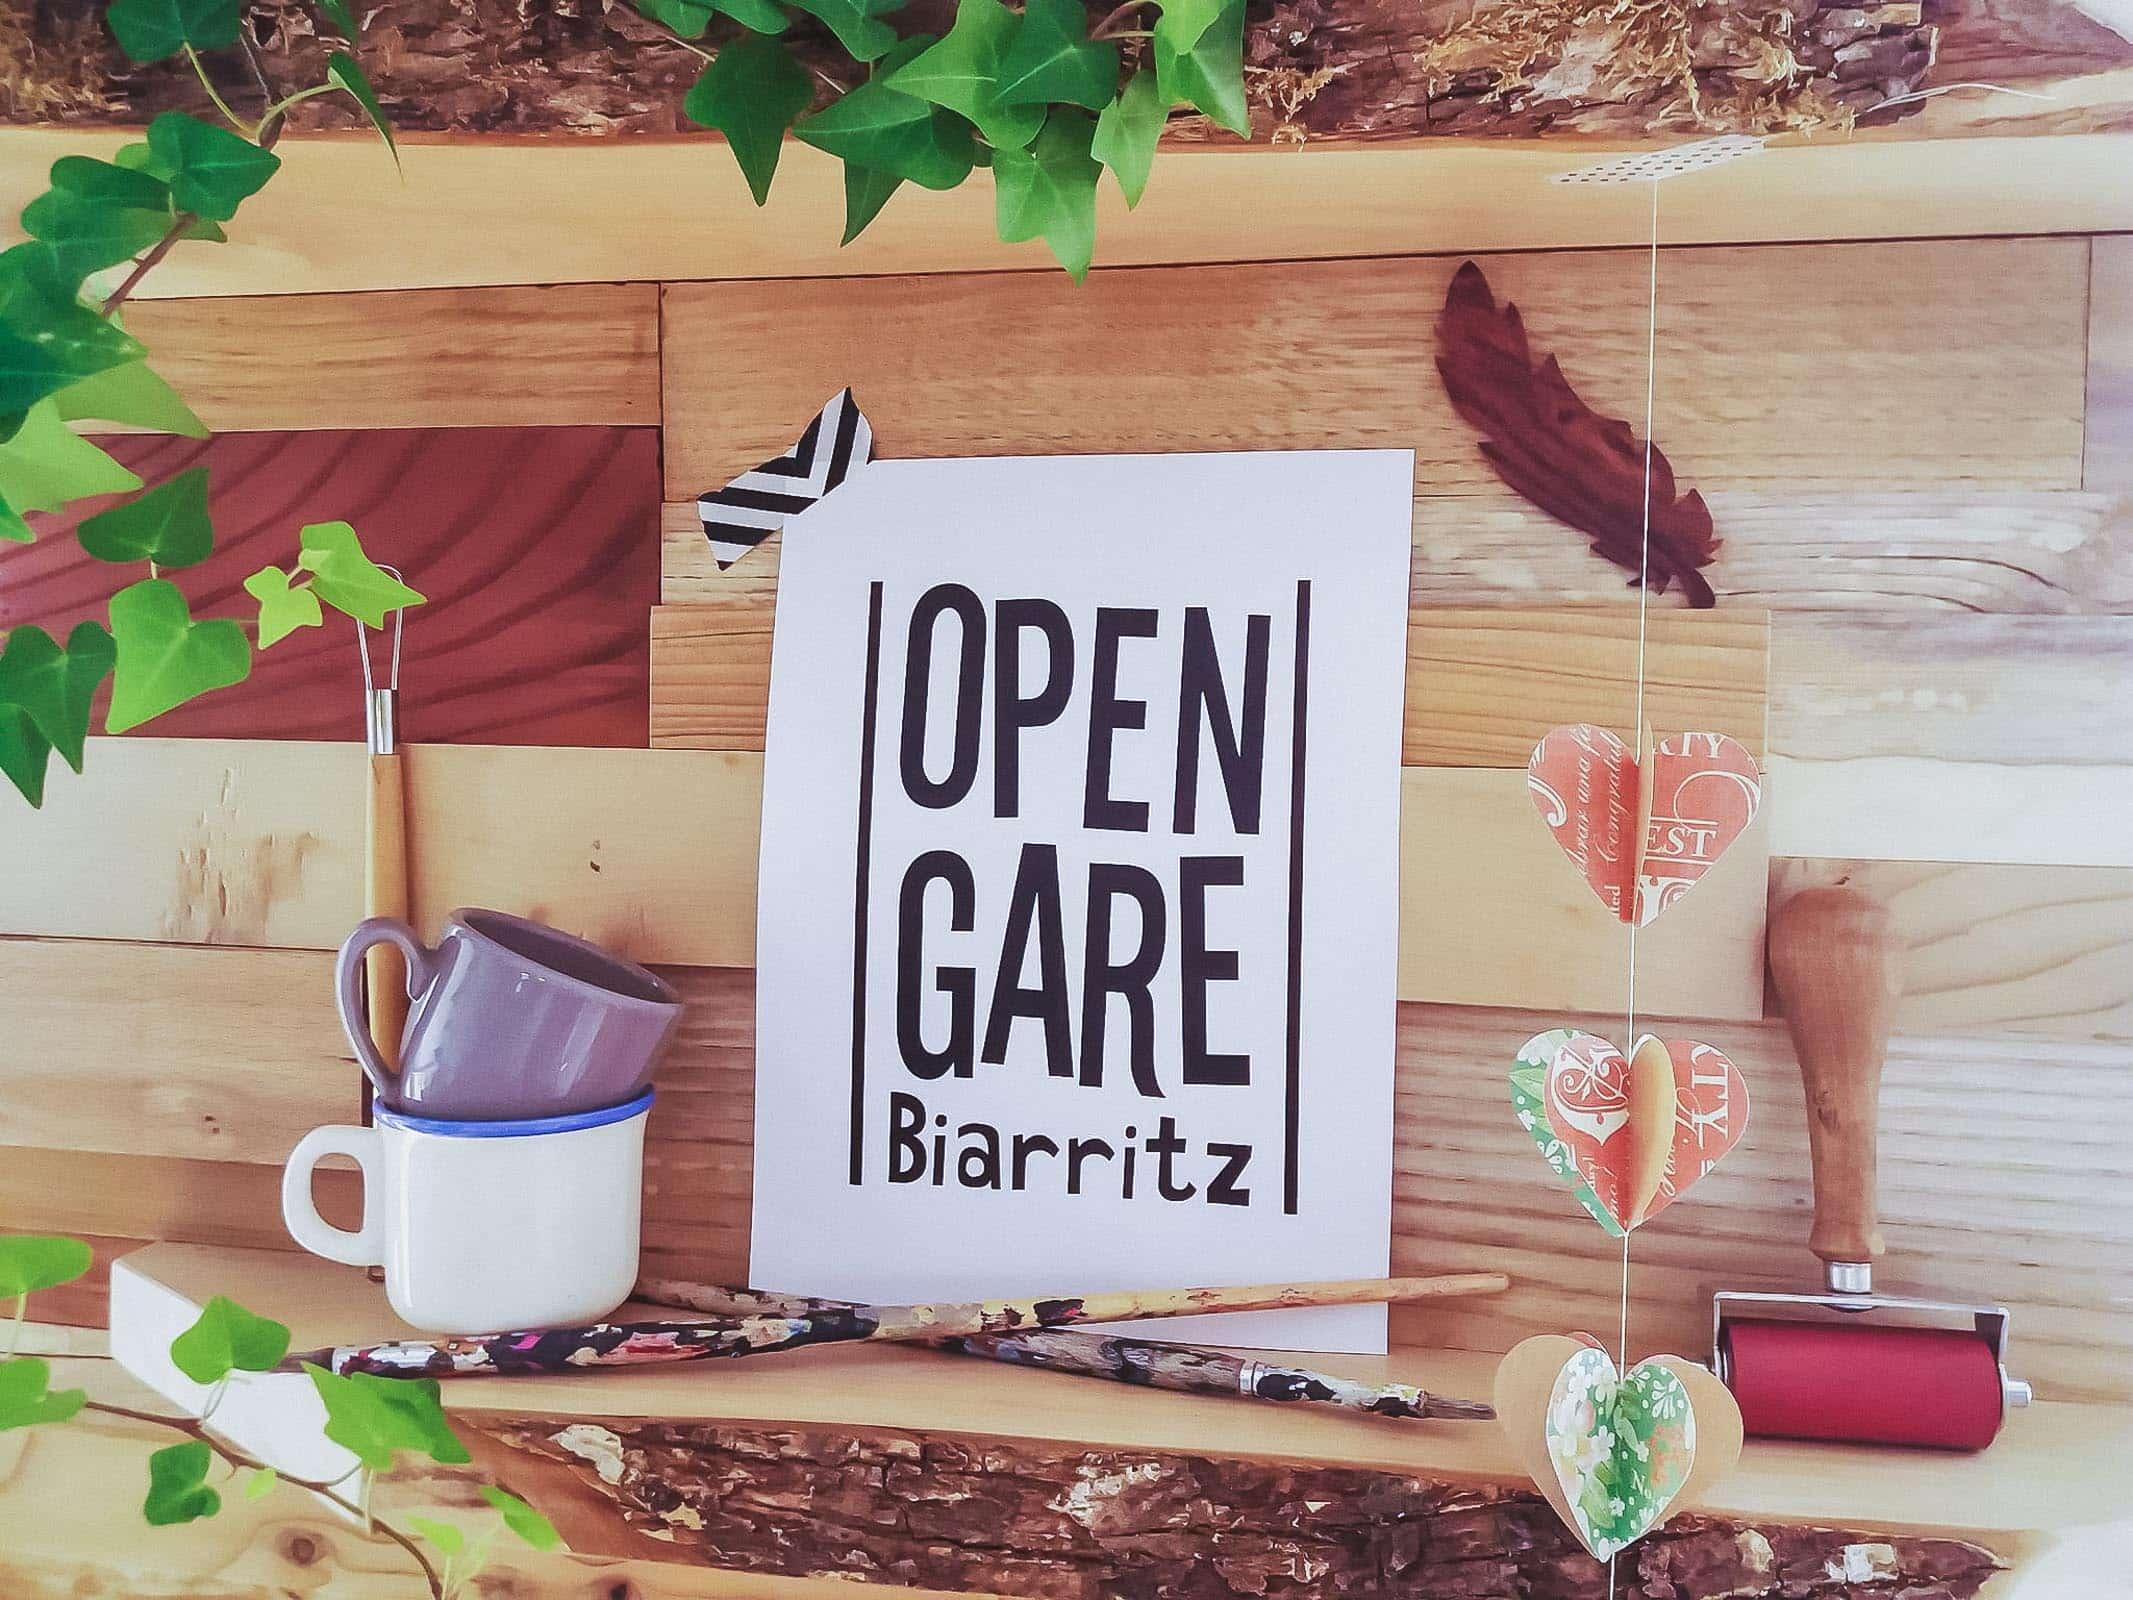 Open Gare, le nouveau lieu alternatif de Biarritz